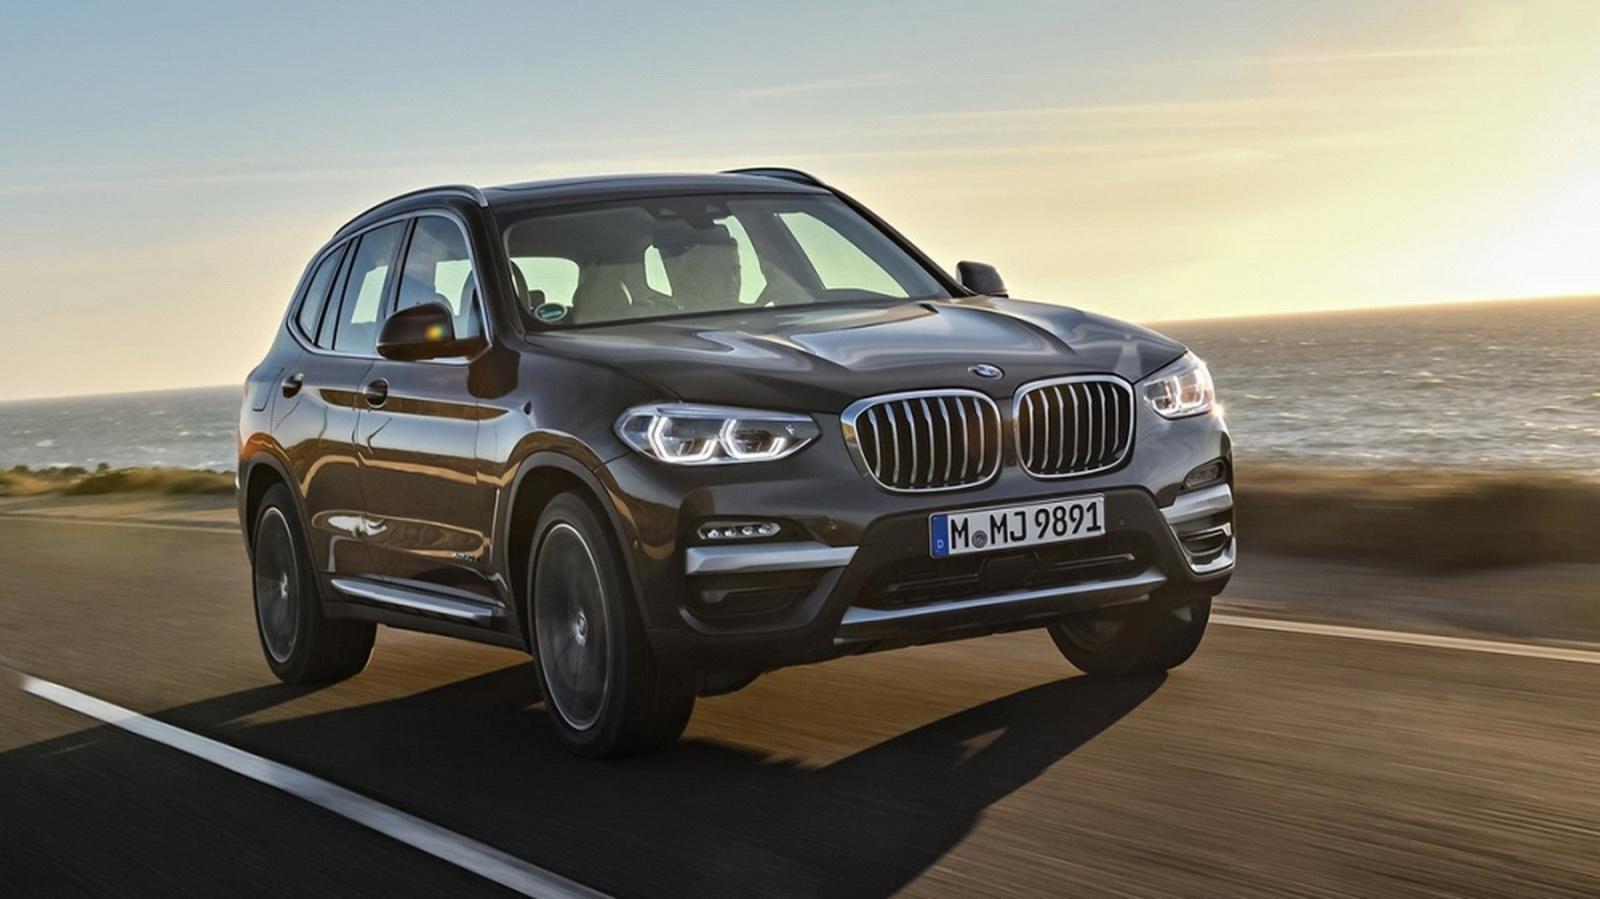 圖/2020 BMW X3 xDrive20i搭載TwinPower Turbo直列四缸汽油引擎,可提供最大184hp的輸出馬力。